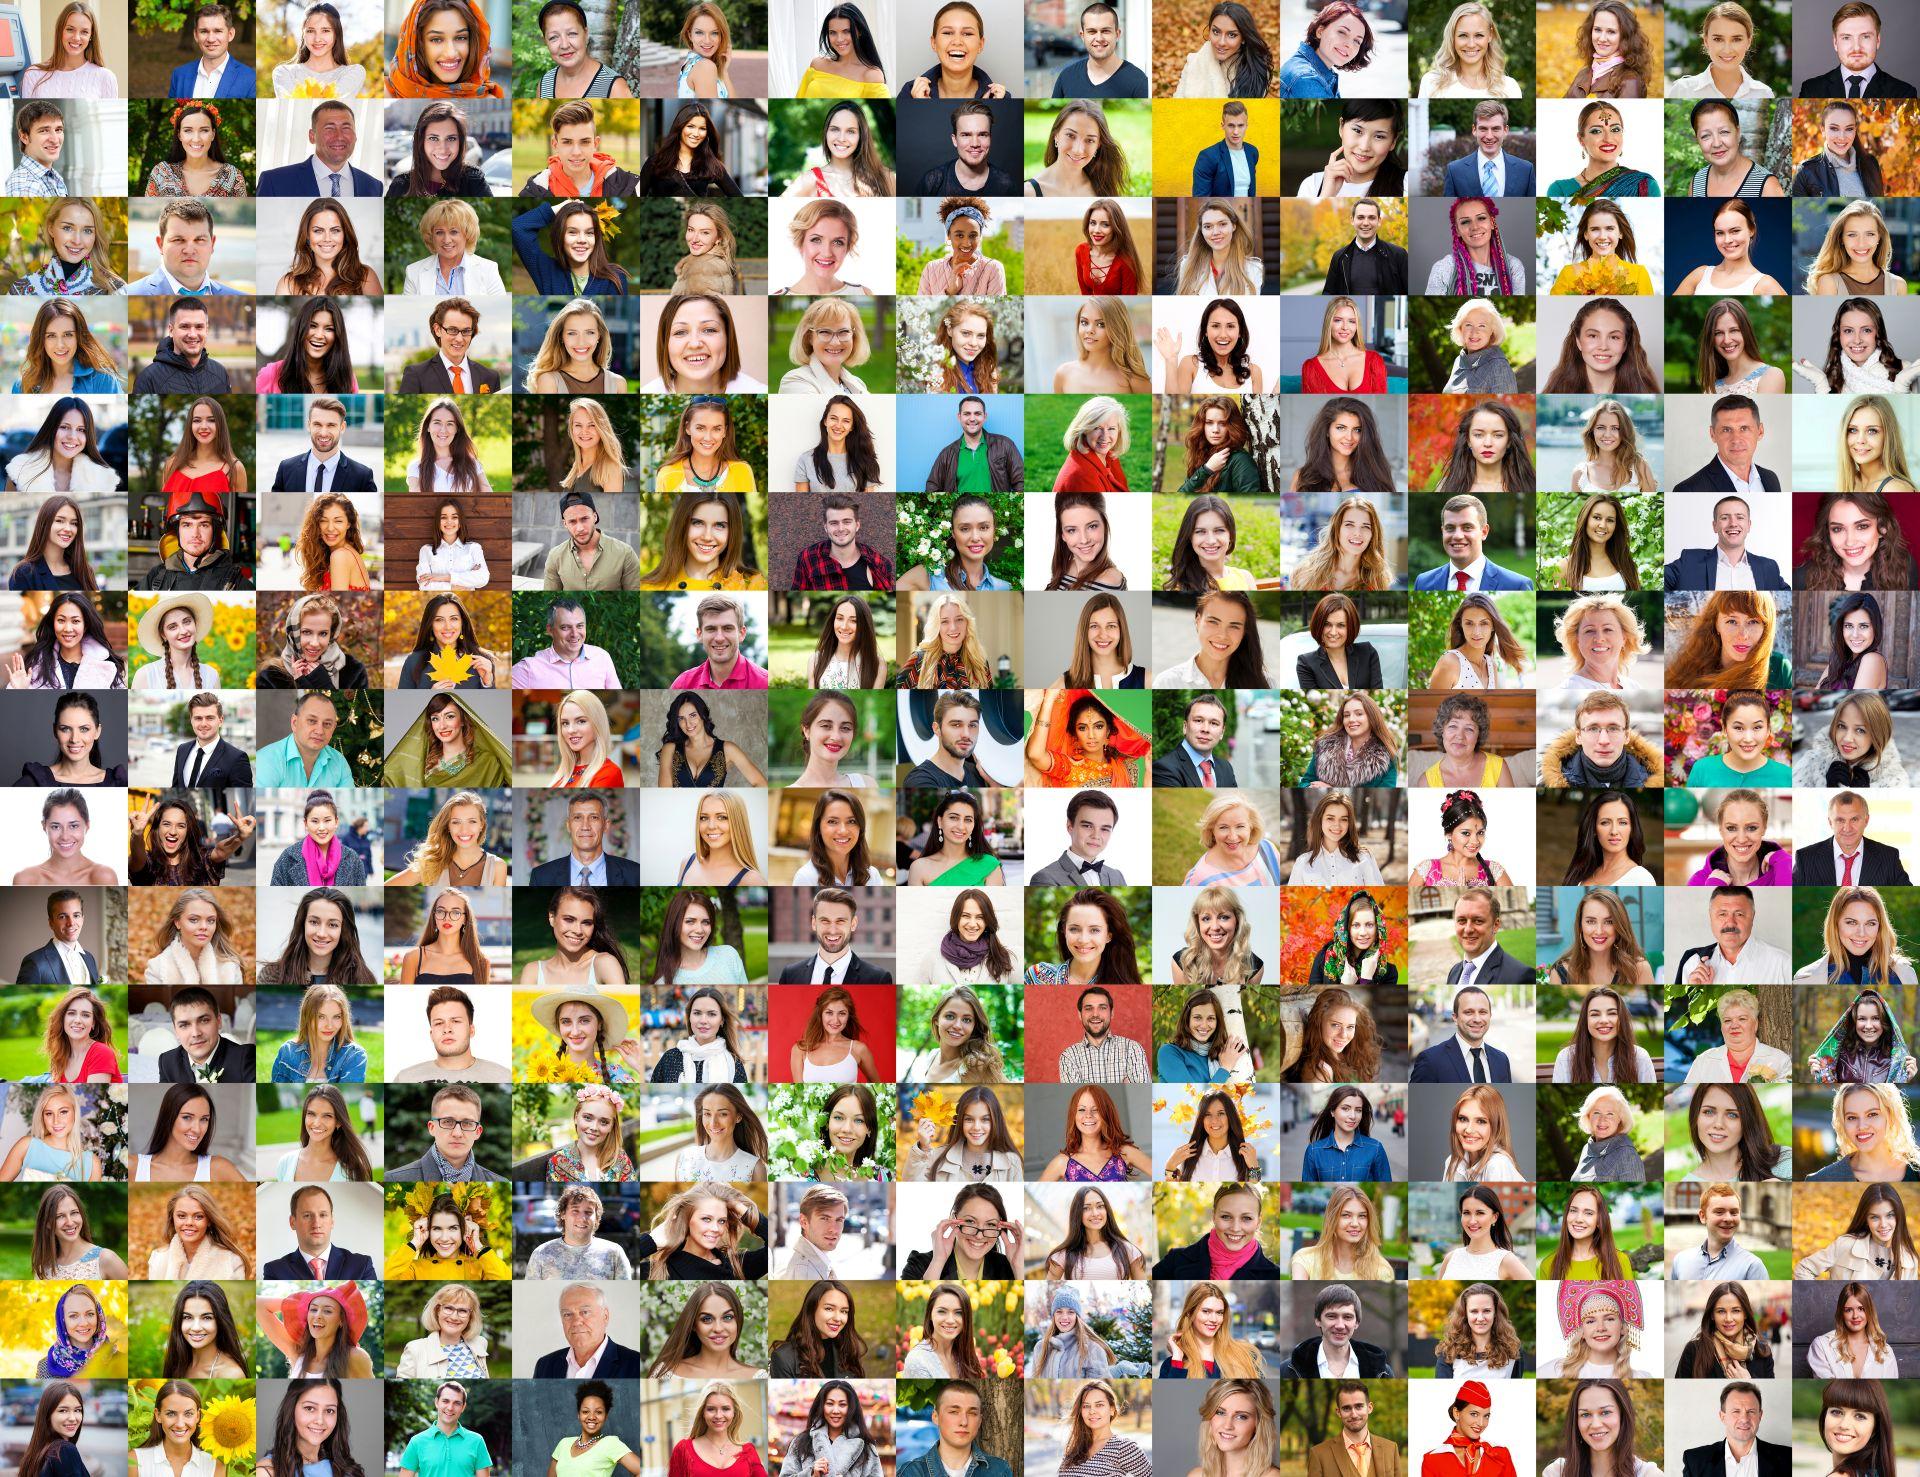 kolaż ze zdjęć osób - kobiet i mężczyzn pokazujacy różnorodność